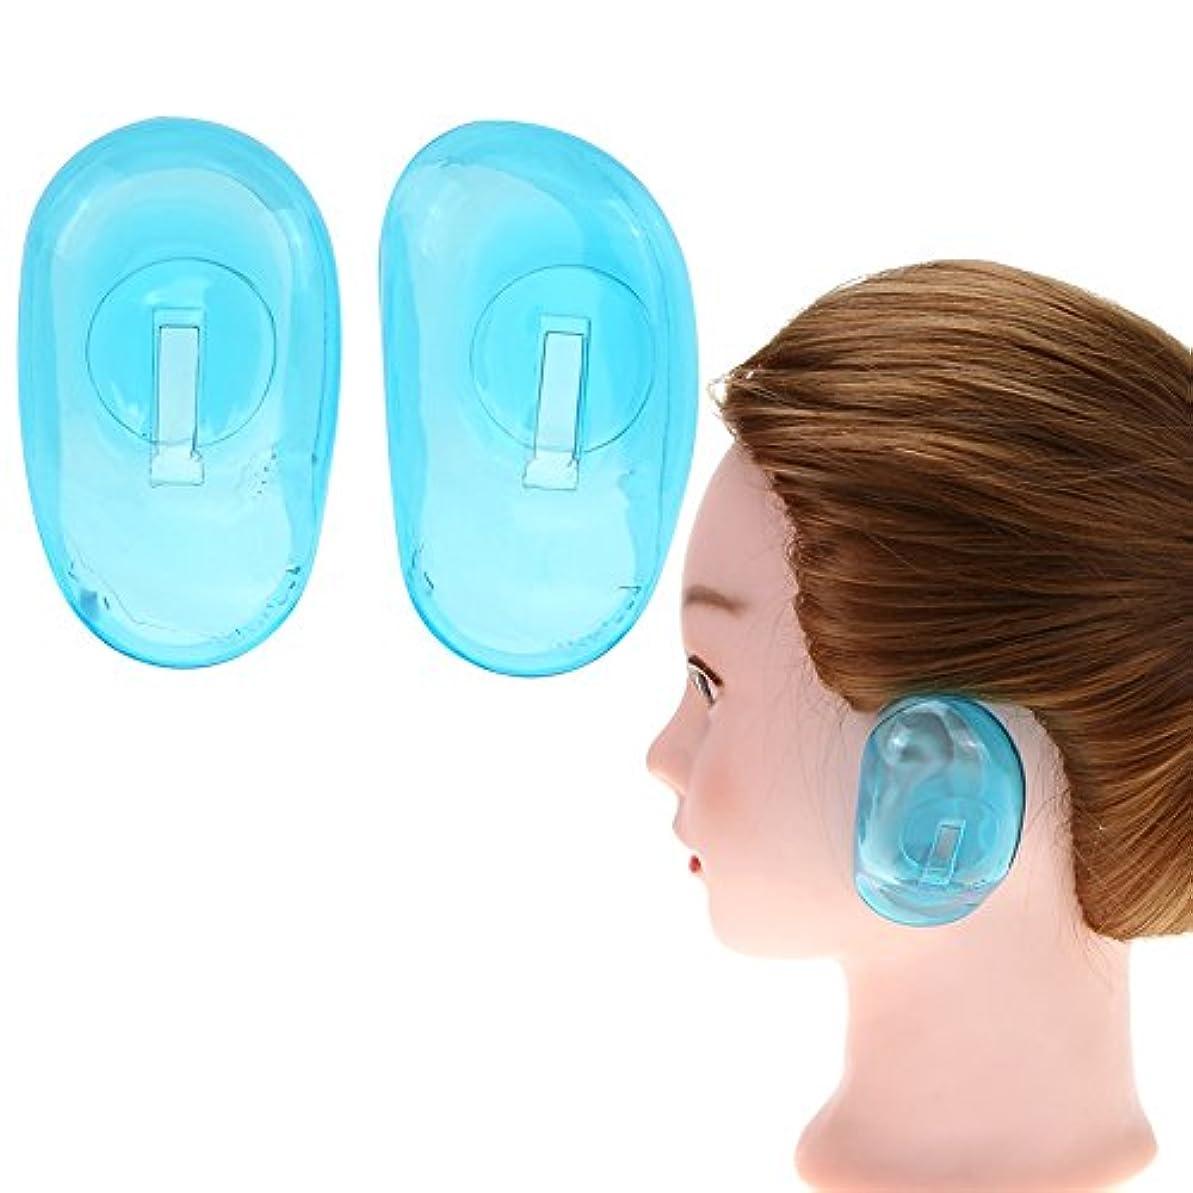 セッション証書隙間Ruier-tong 1ペア耳カバー 毛染め用 シリコン製 耳キャップ 柔らかいイヤーキャップ ヘアカラー シャワー 耳保護 ヘアケアツール サロン 洗える 繰り返す使用可能 エコ 8.5x5cm